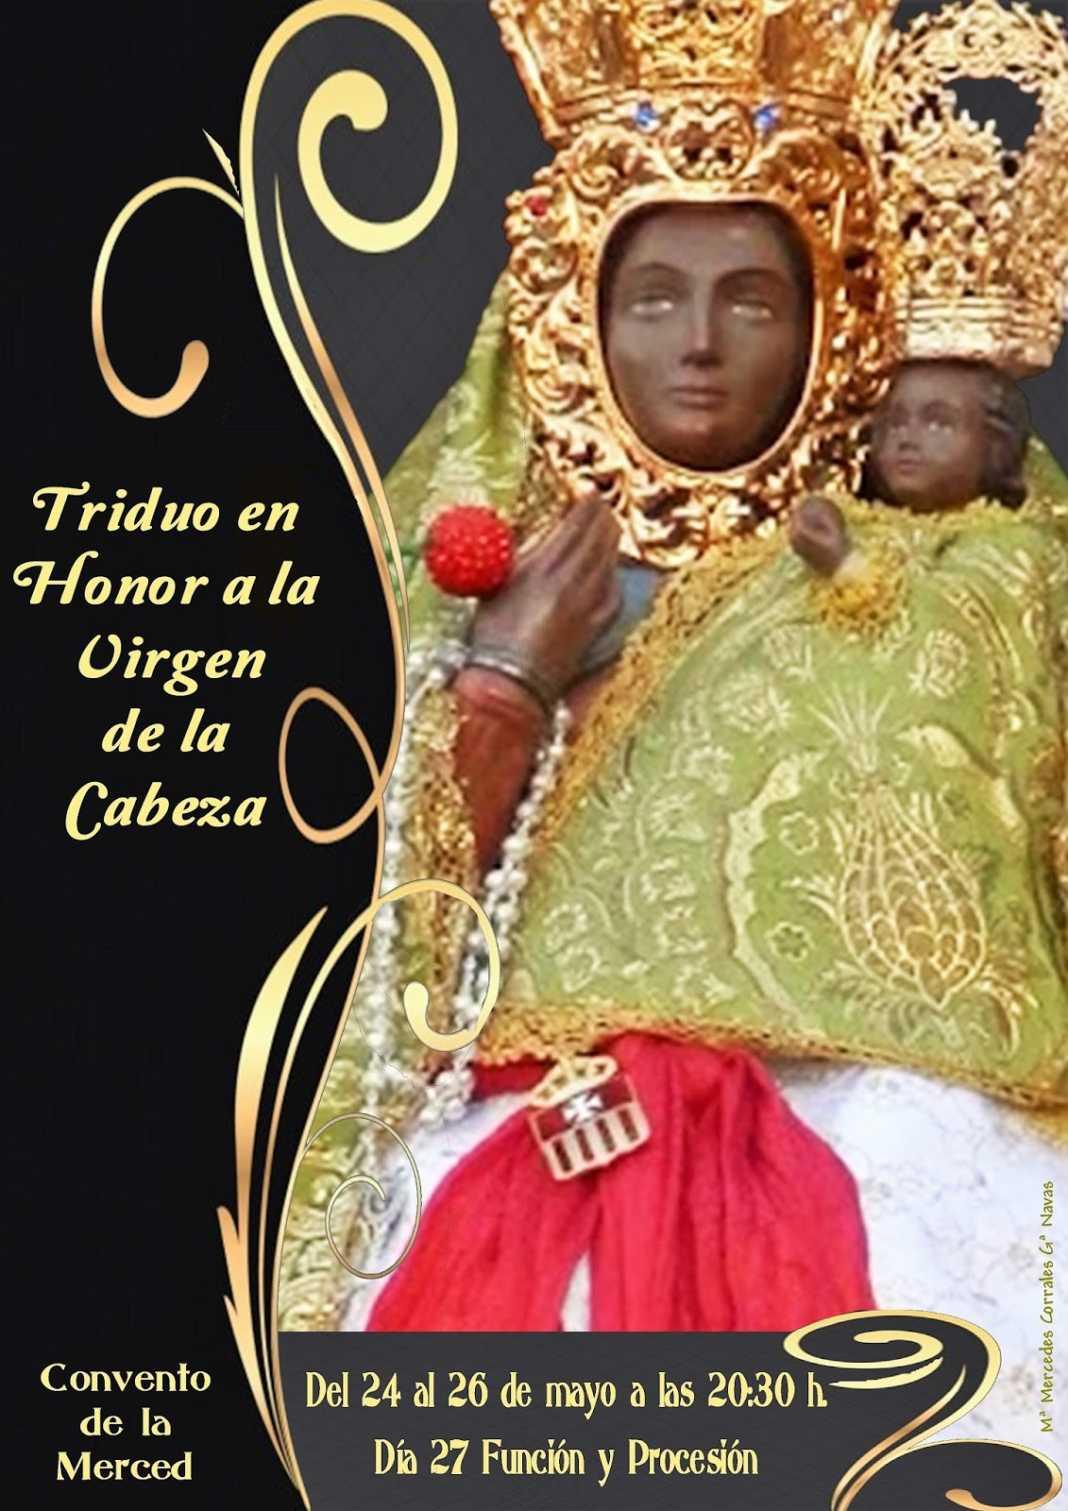 Triduo Virgen de la Cabeza 1068x1511 - Triduo en honor a la Virgen de la Cabeza en el Convento de la Merced